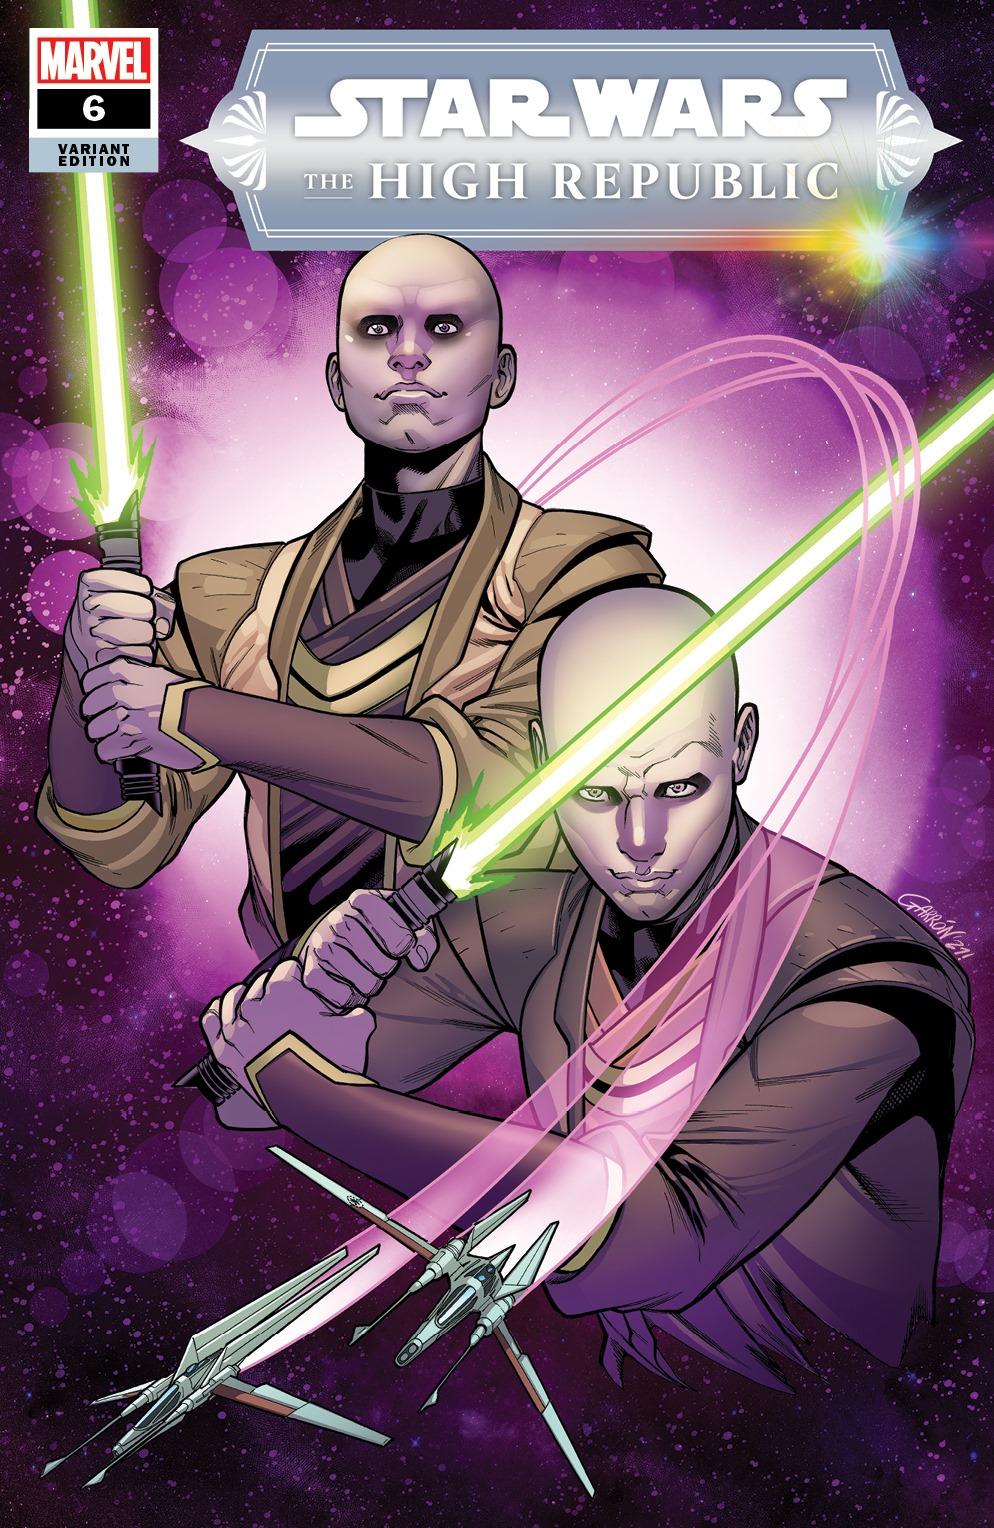 Nova capa de Star Wars com personagens não-bináries. (Foto: Divulgação)